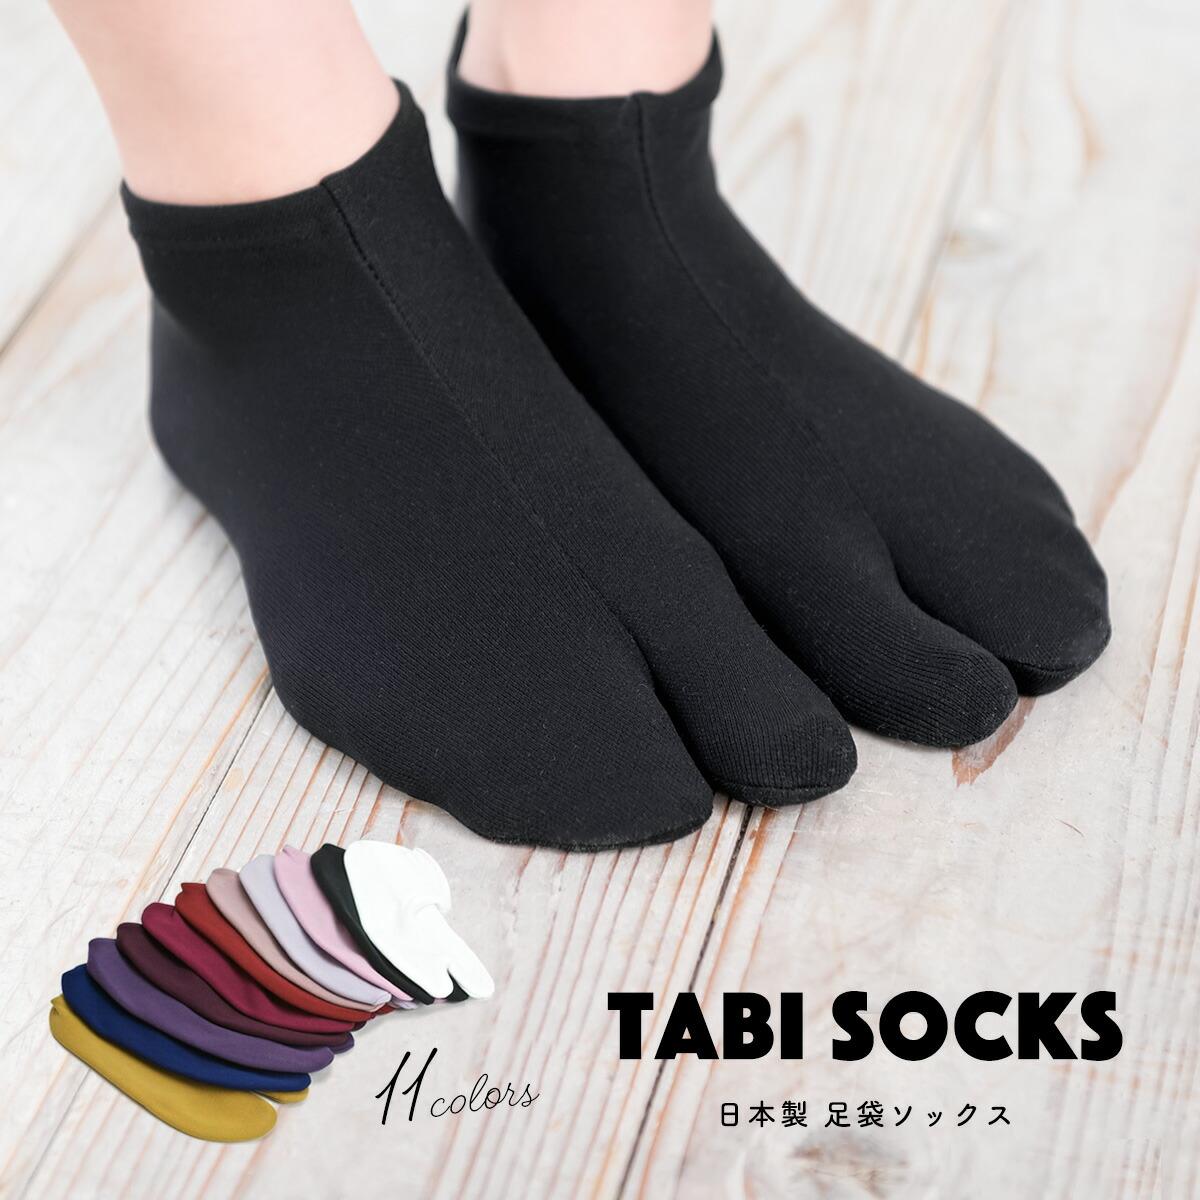 足袋 足袋ソックス 足袋カバー 日本製 全11色 フリーサイズ 女性 レディース